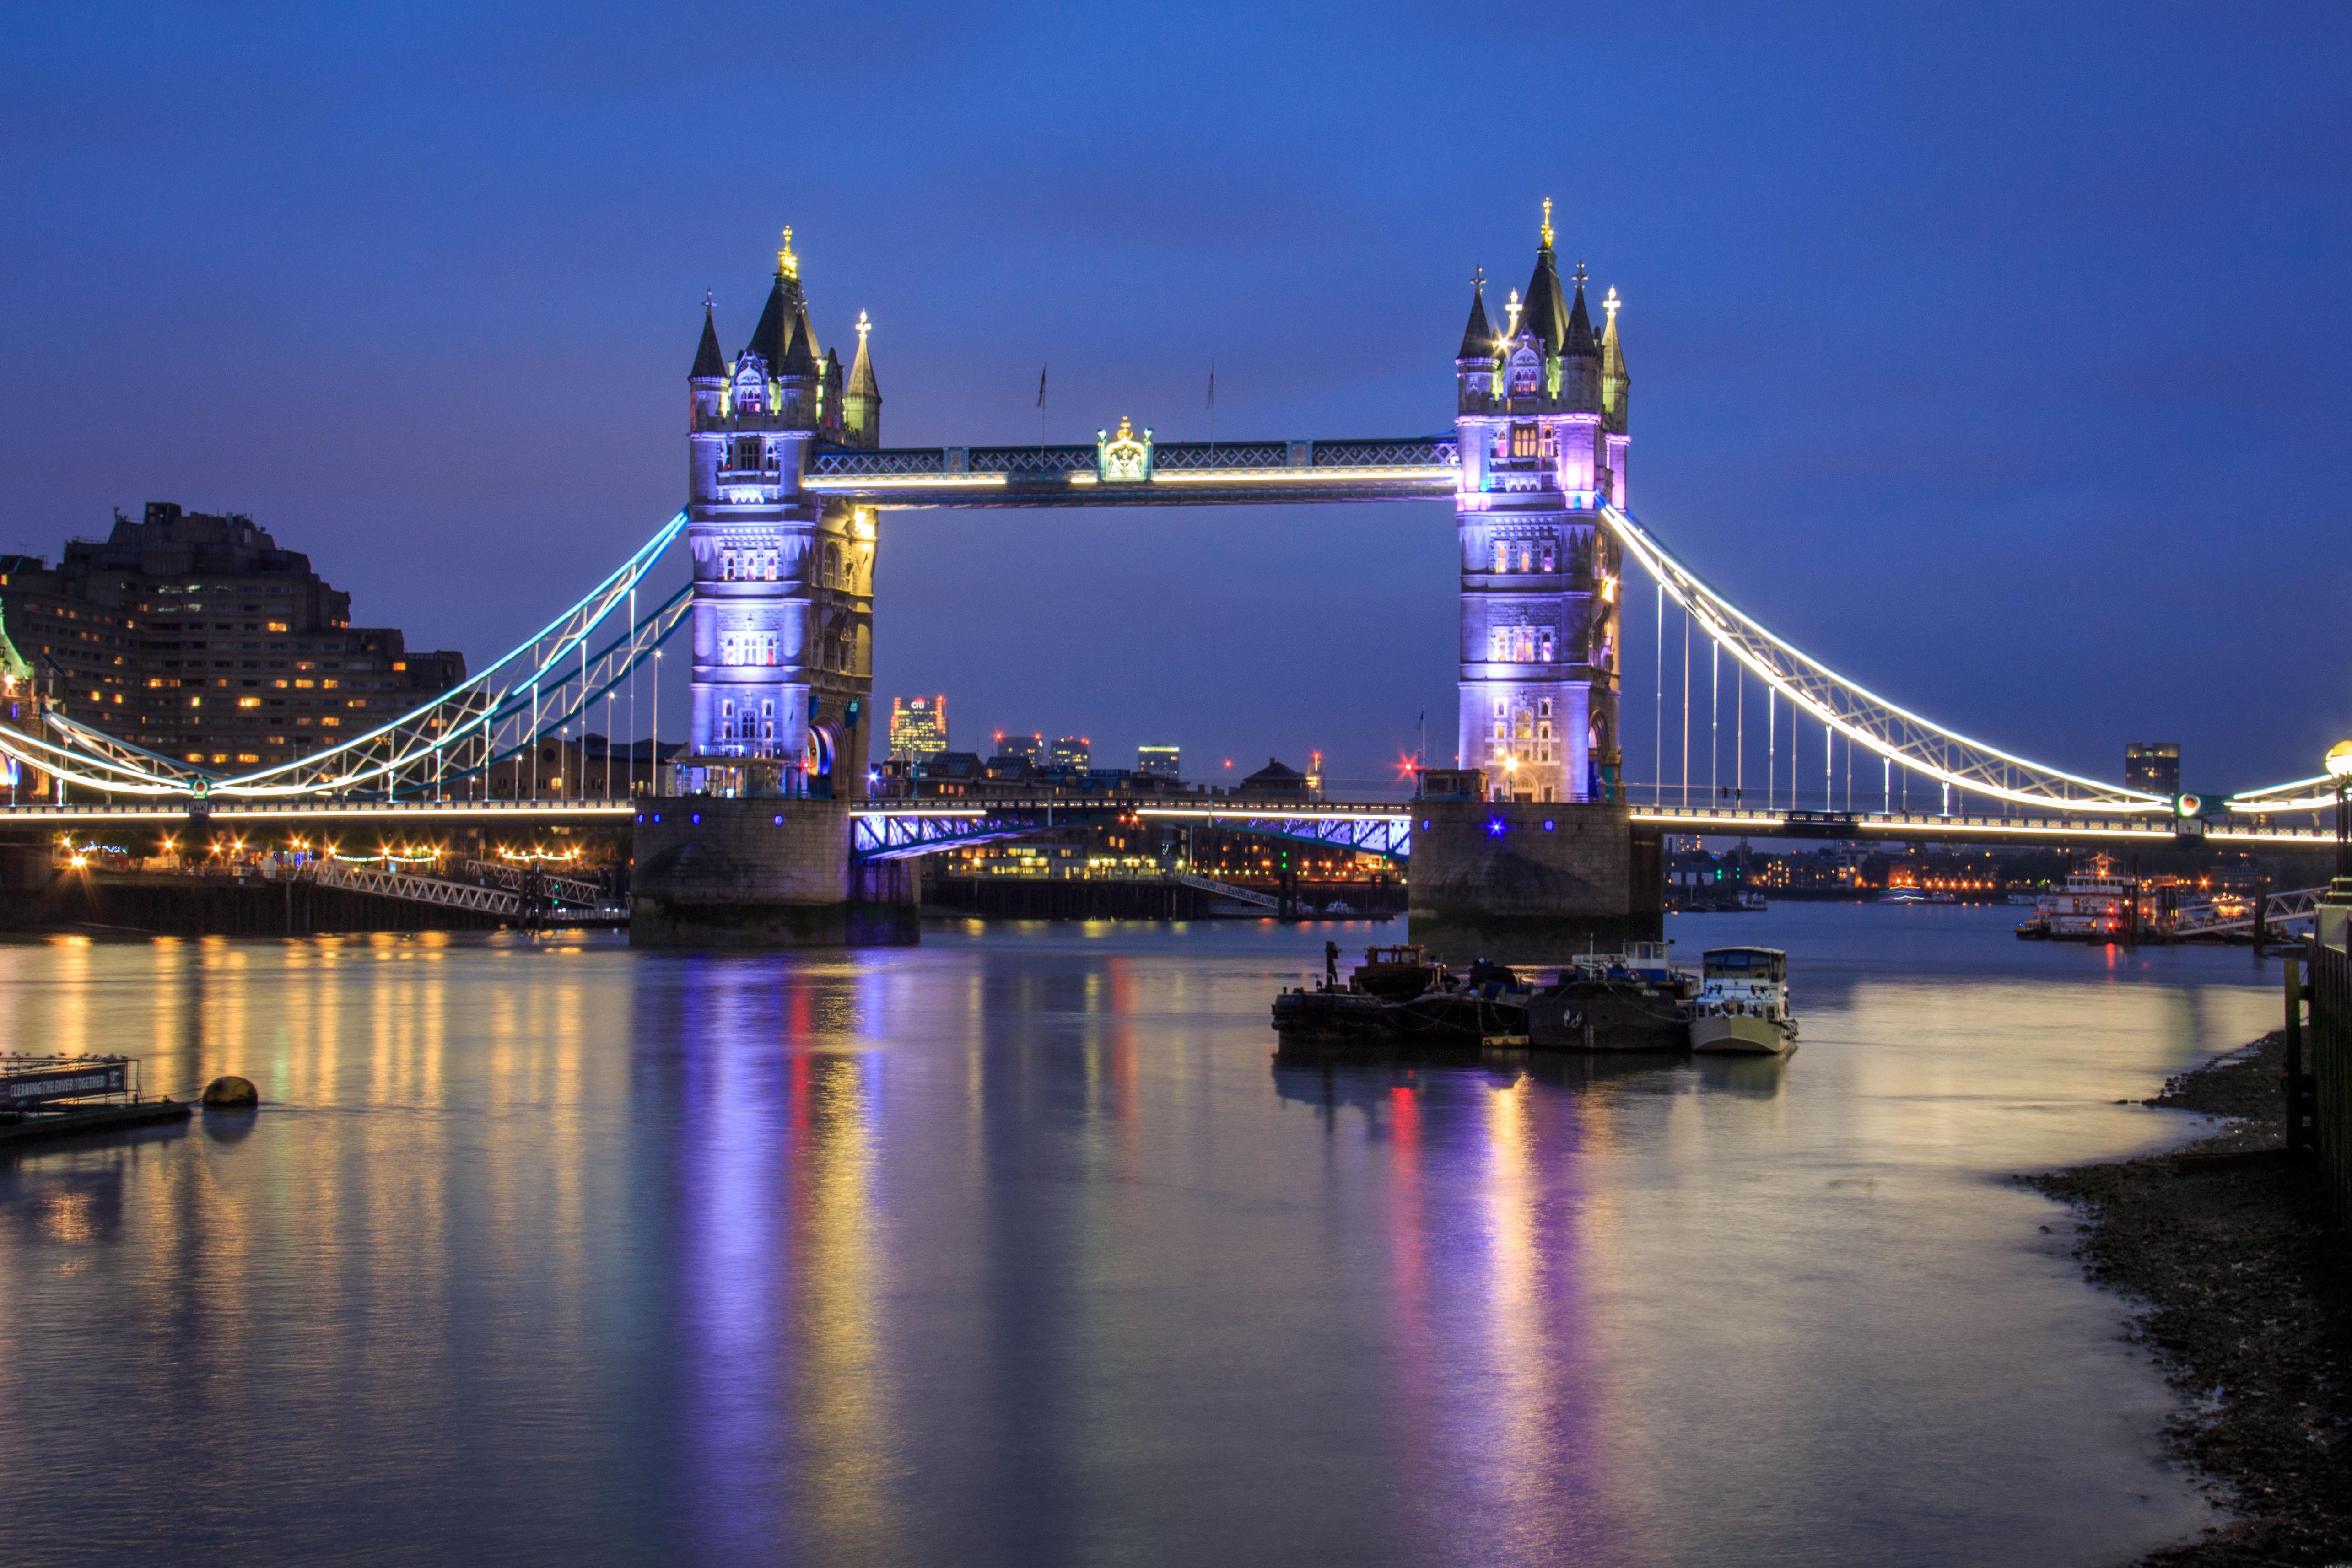 картинки английского моста думать автобусах